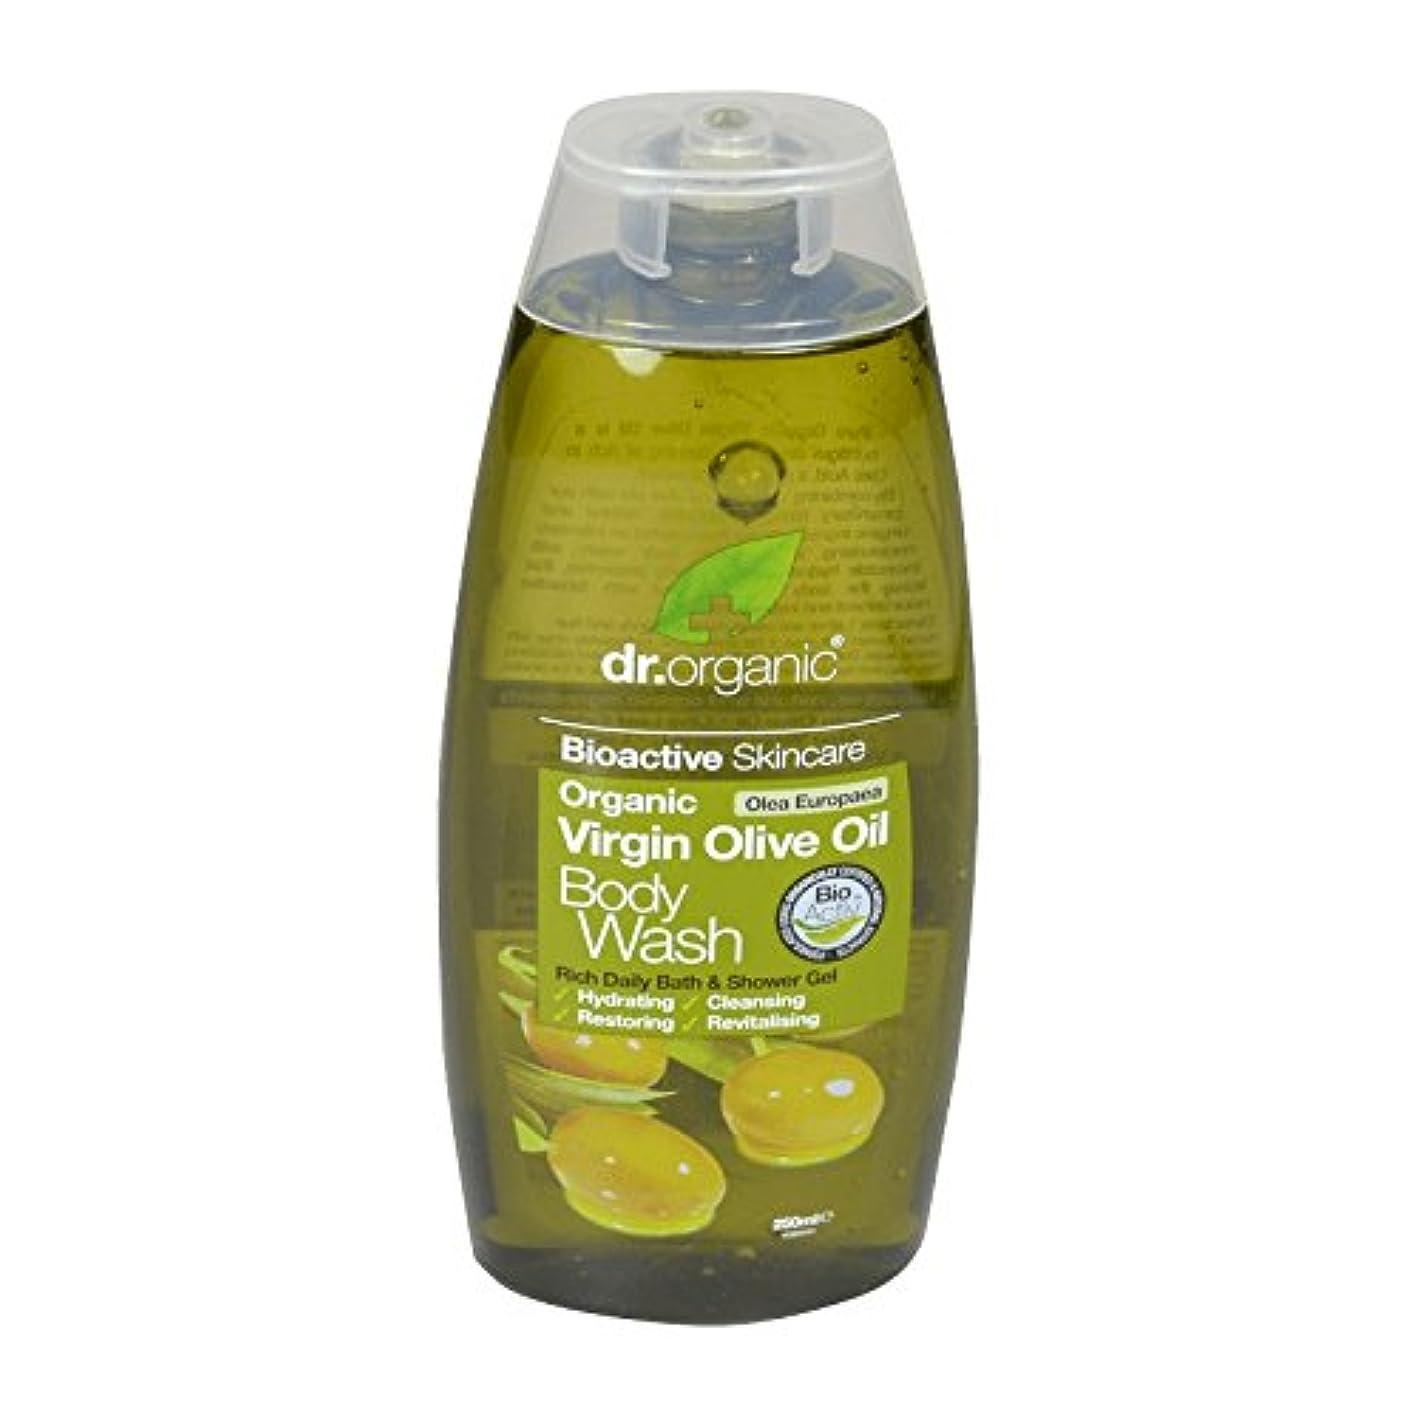 文字スタンドラボDr有機バージンオリーブオイルボディウォッシュ - Dr Organic Virgin Olive Oil Body Wash (Dr Organic) [並行輸入品]